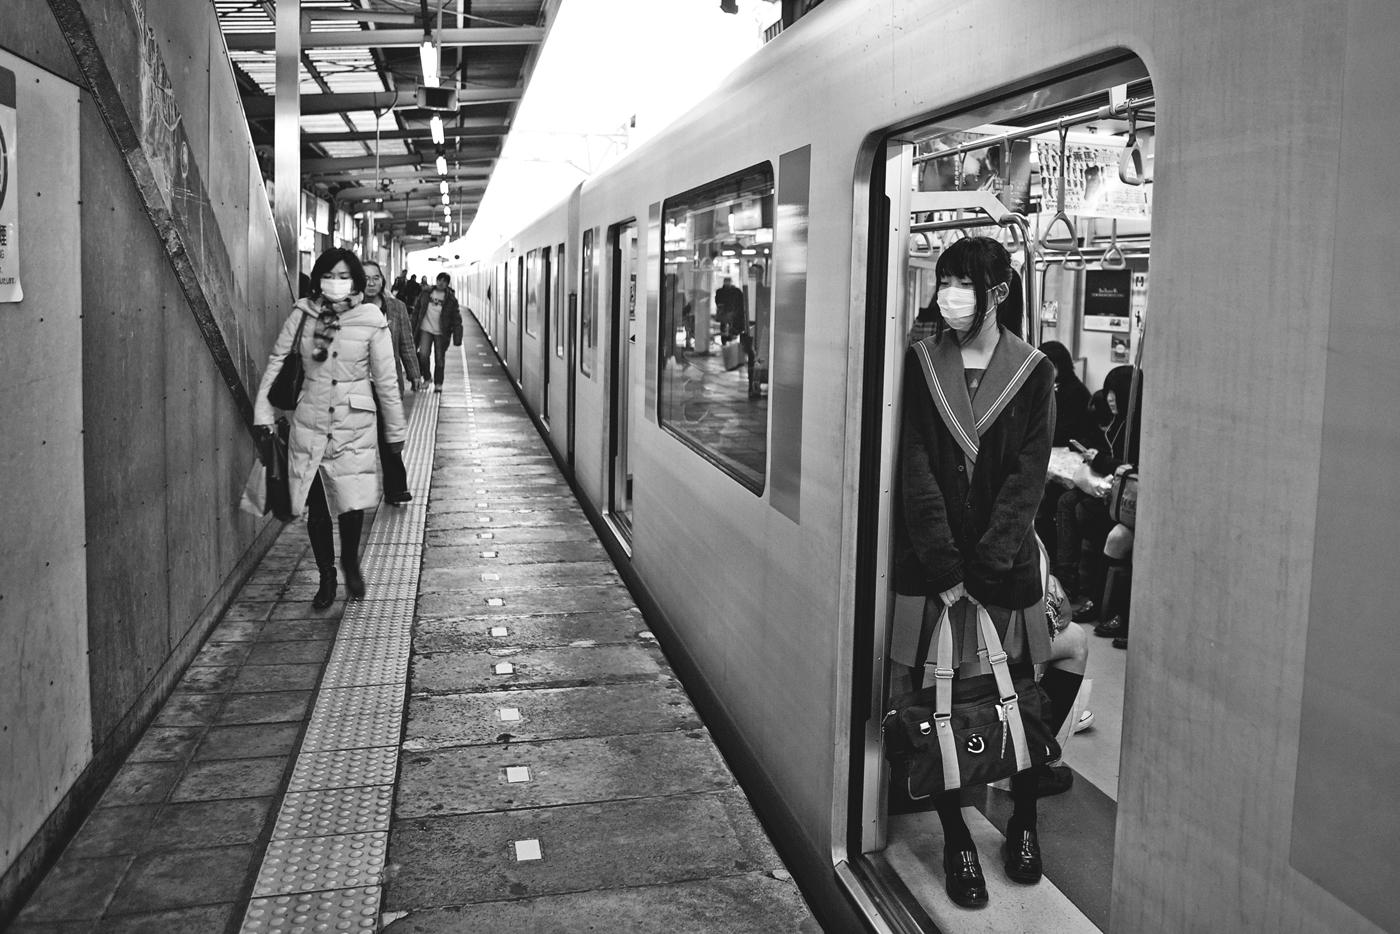 school-girl-on-a-train-bw-w-pak-han.jpg